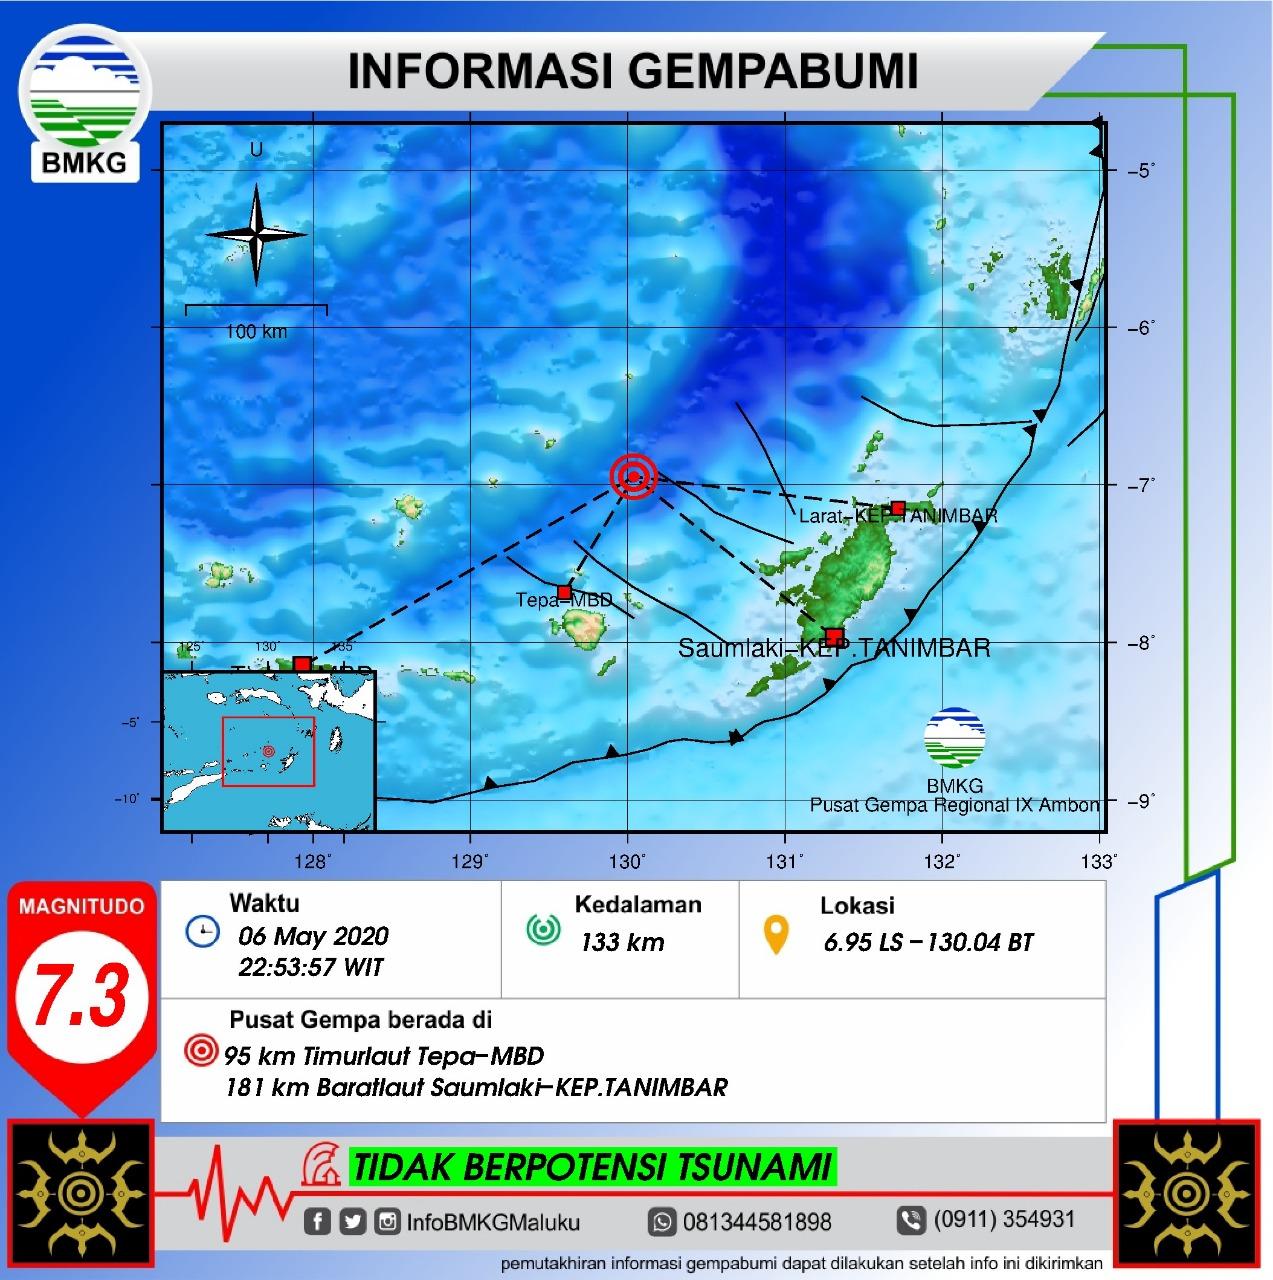 Gempa 7,3 Guncang Barat Laut Tanimbar, Getaran Dirasakan Kuat Sampai Sorong 4 IMG 20200506 WA0038